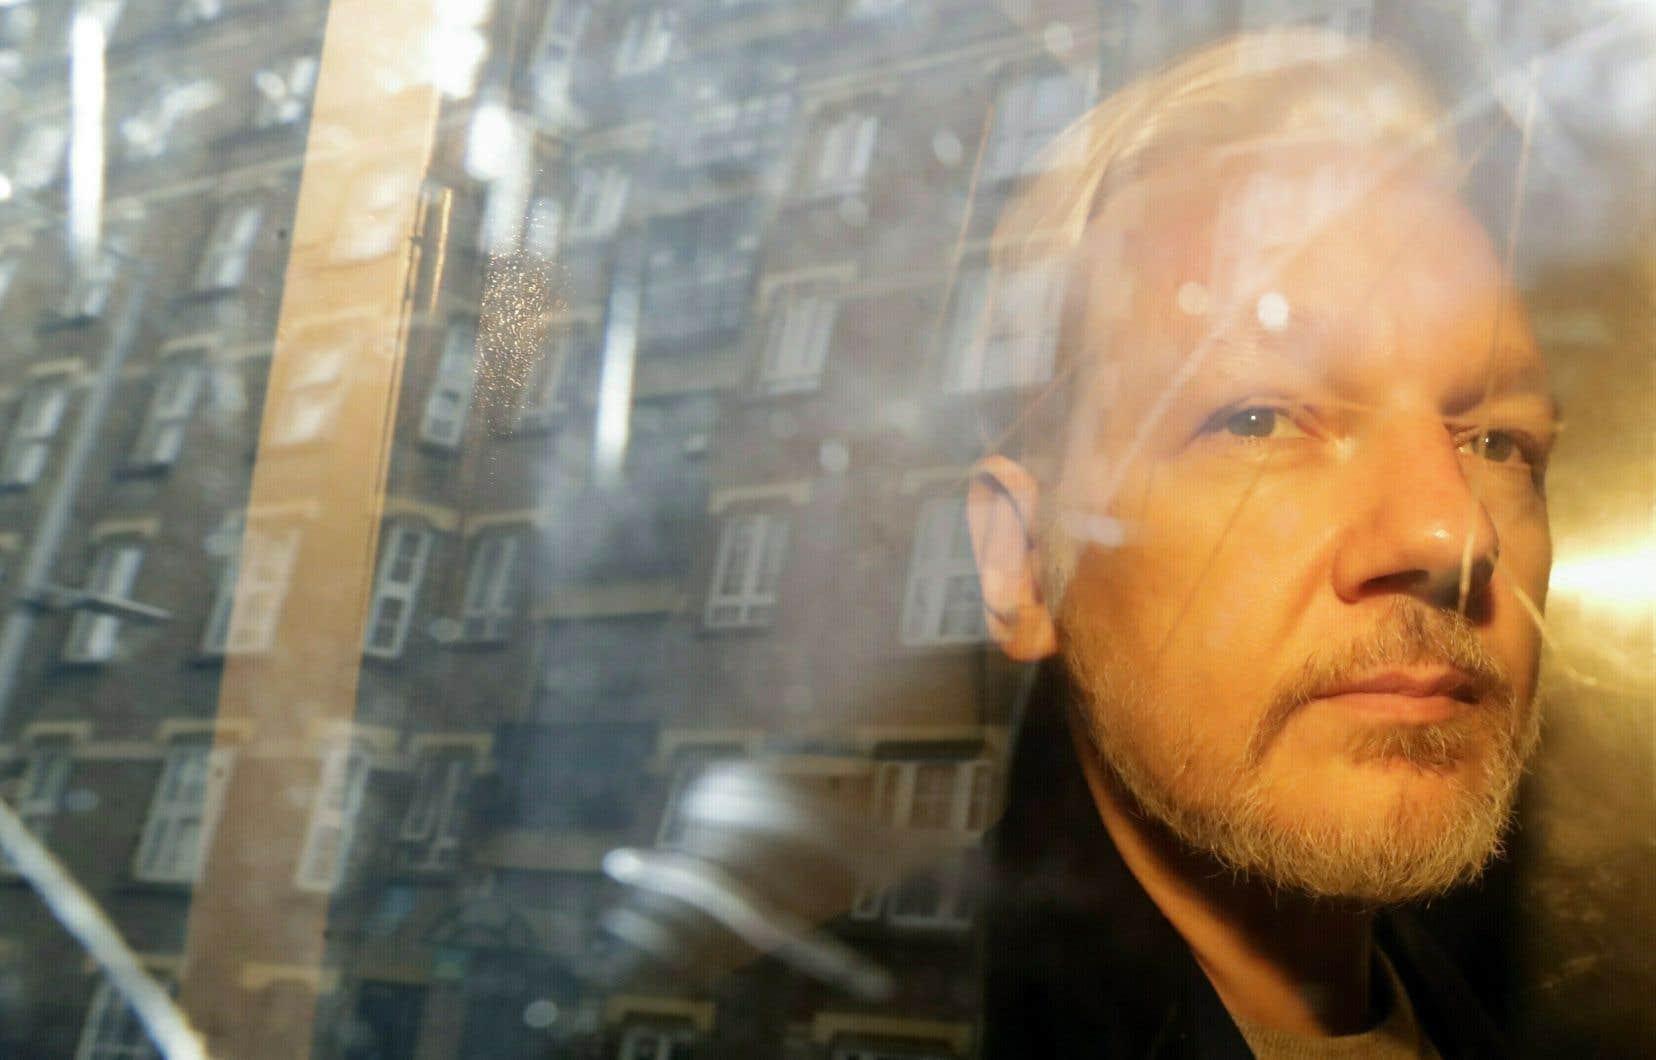 Julian Assange, qui est âgé de 47ans, a été expulsé le 11avril dernier de l'ambassade de l'Équateur à Londres, où il se réfugiait depuis 2012. Il a été immédiatement arrêté par la police britannique.